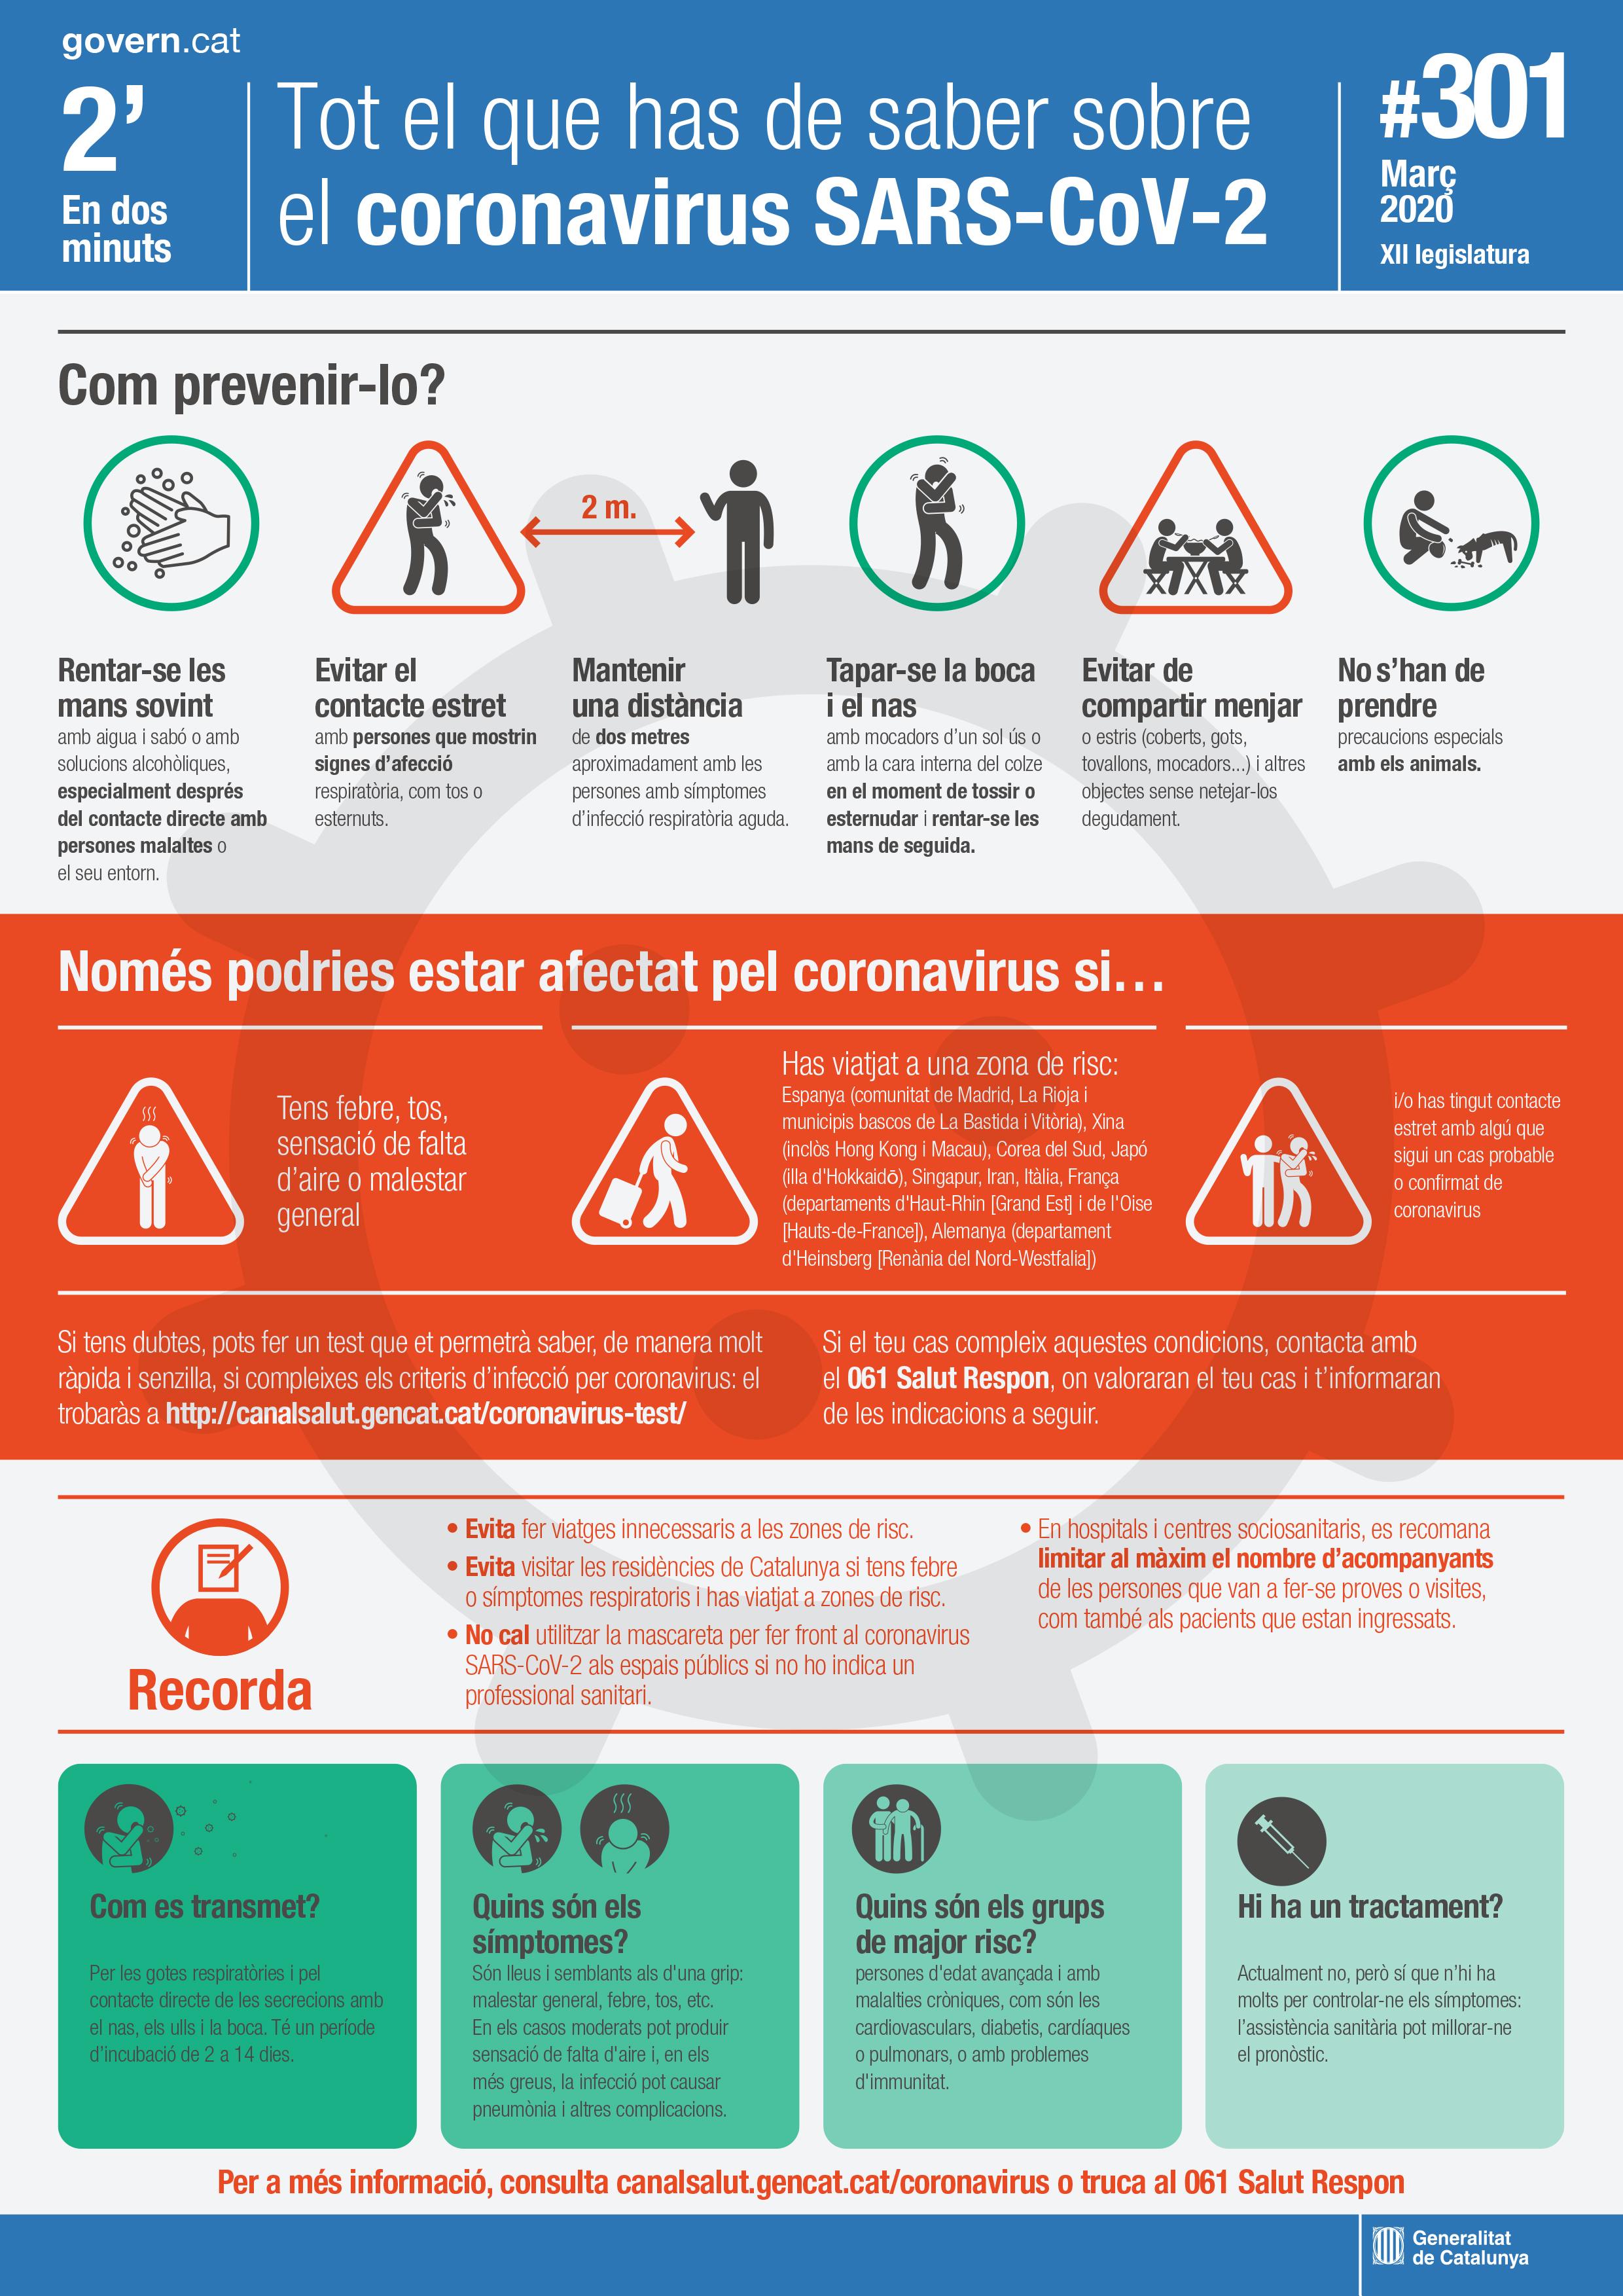 Tot el que has de saber sobre el coronavirus SARS-CoV-2